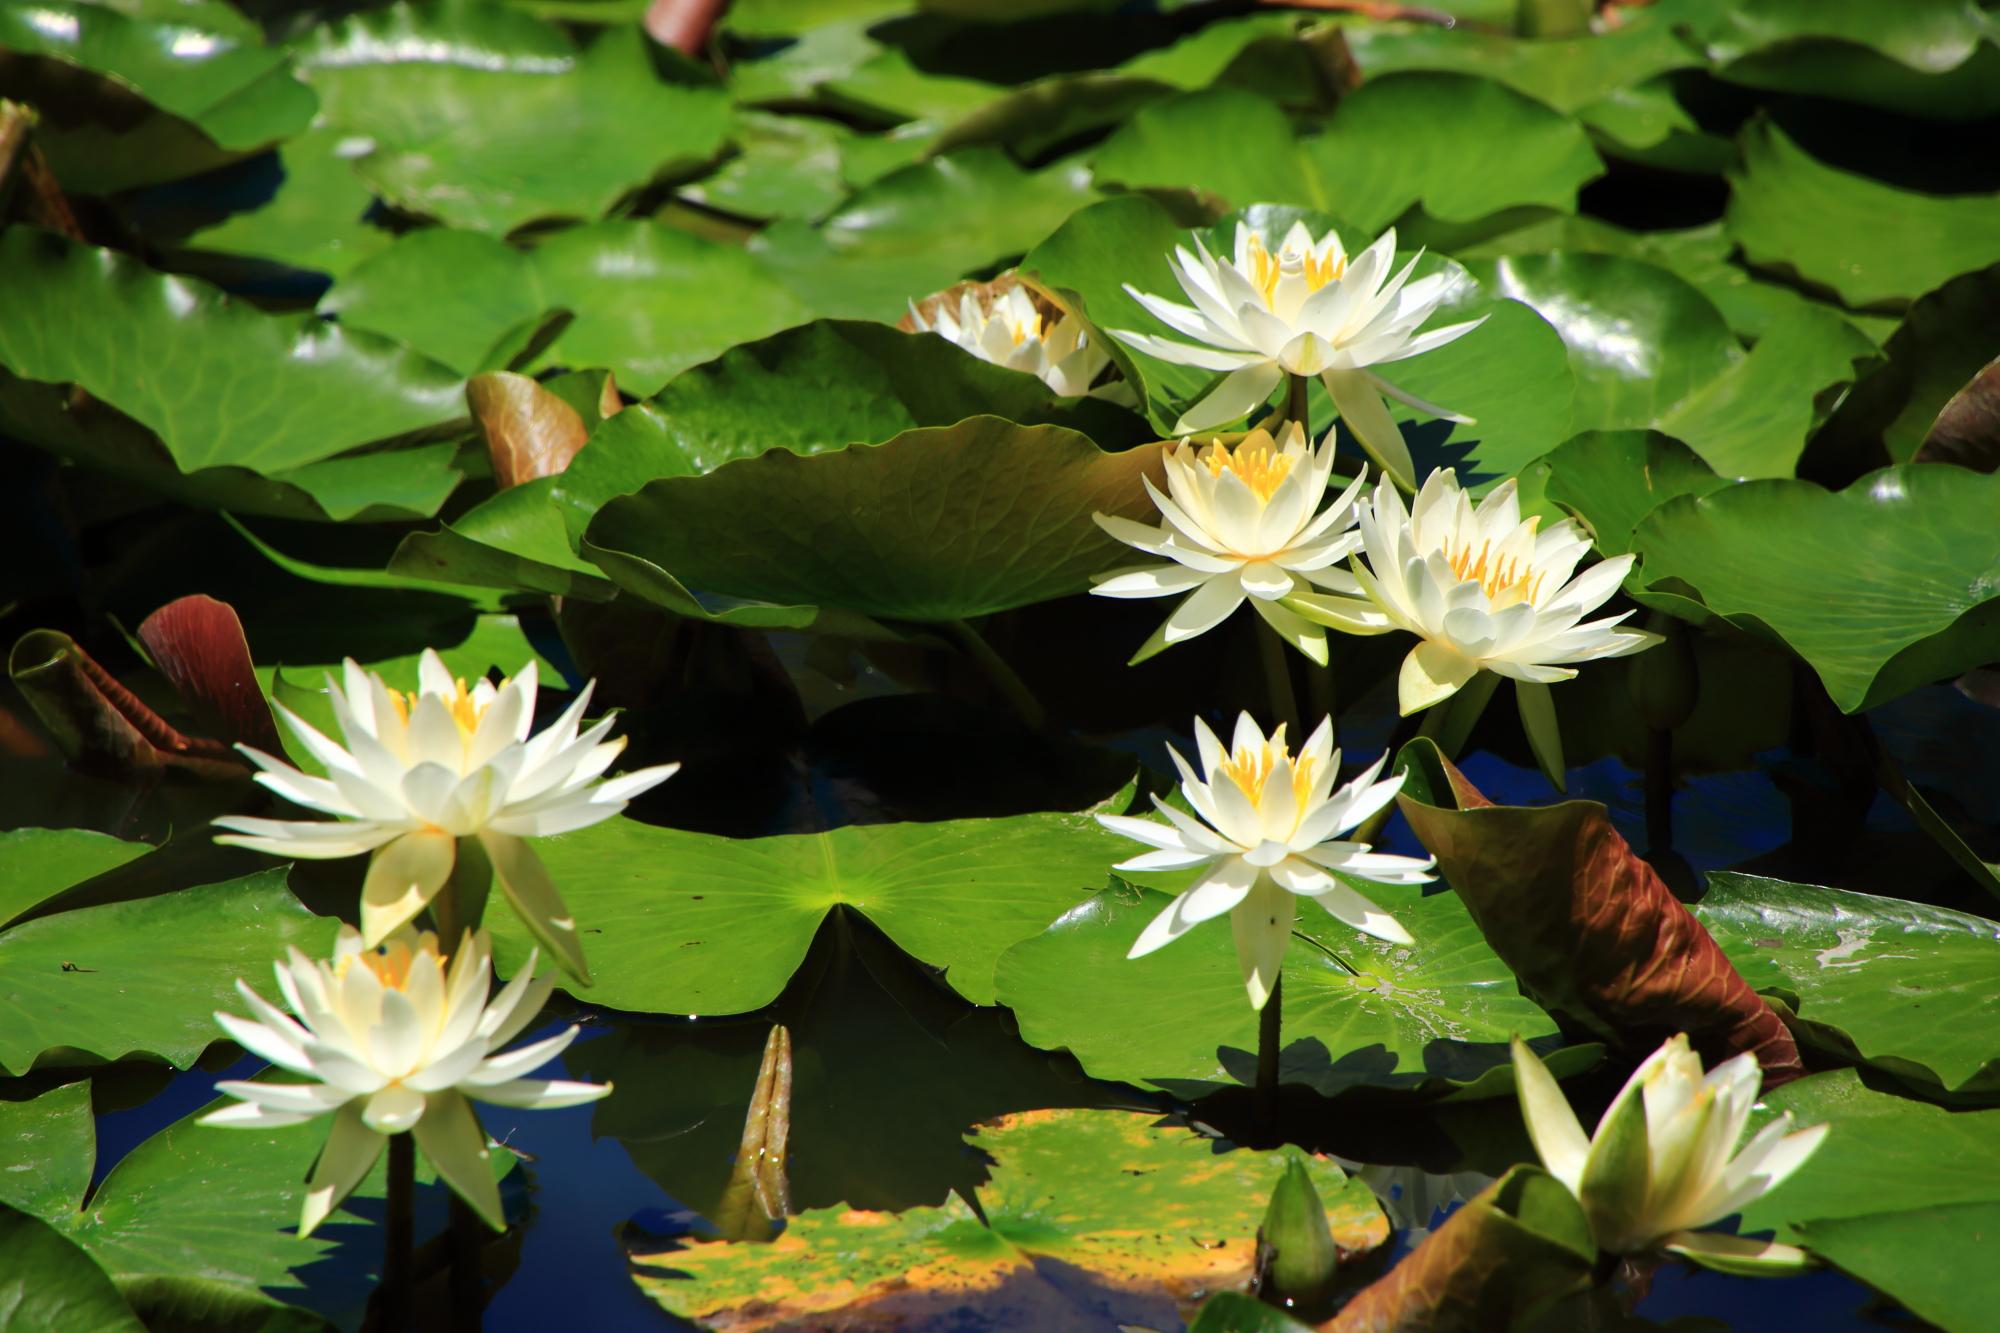 水面ギリギリではなく少し高い位置で咲く睡蓮